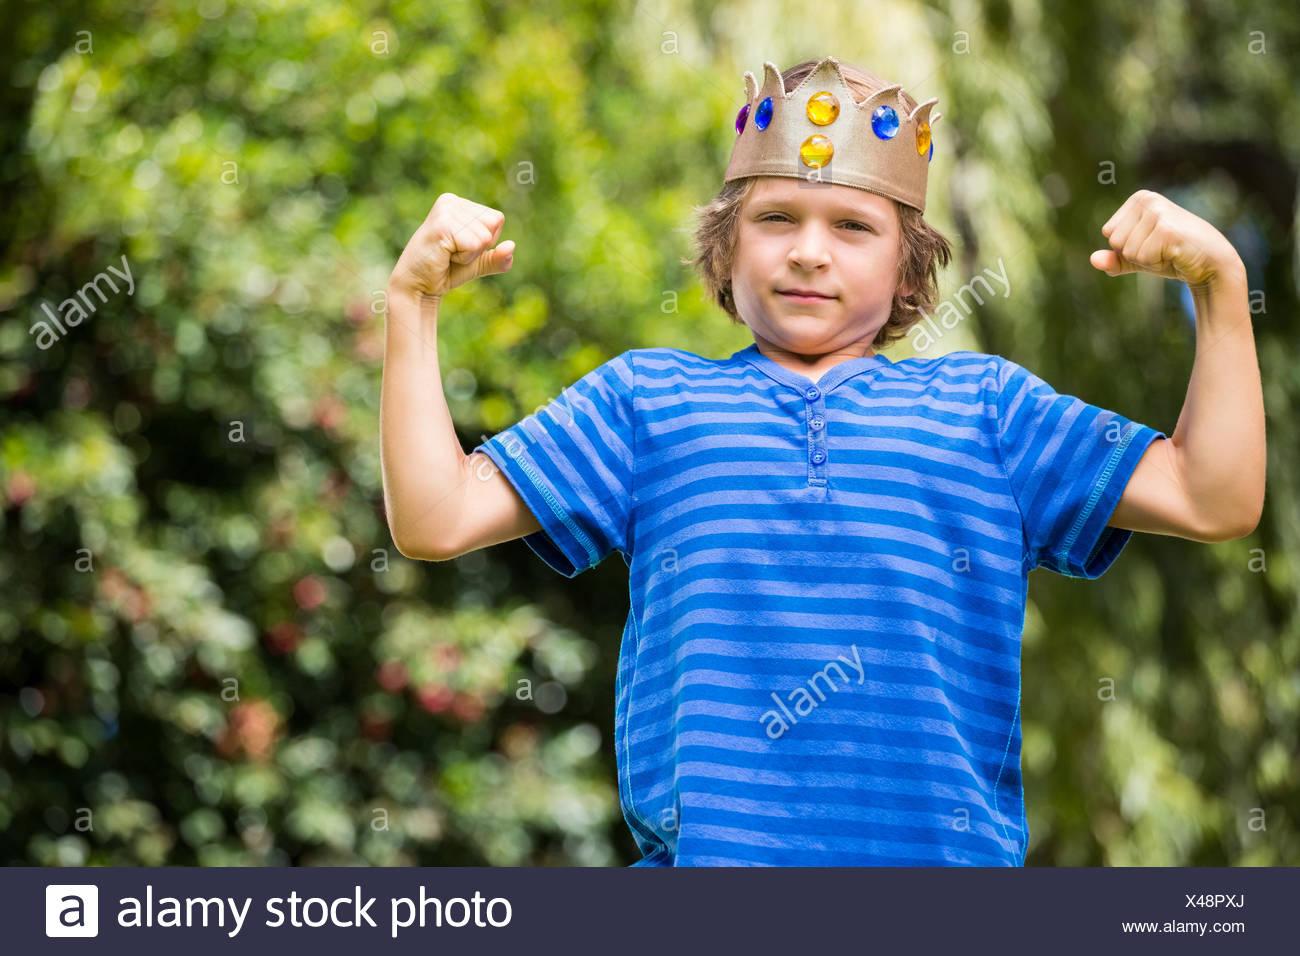 Cute boy avec une couronne montrant ses muscles Photo Stock